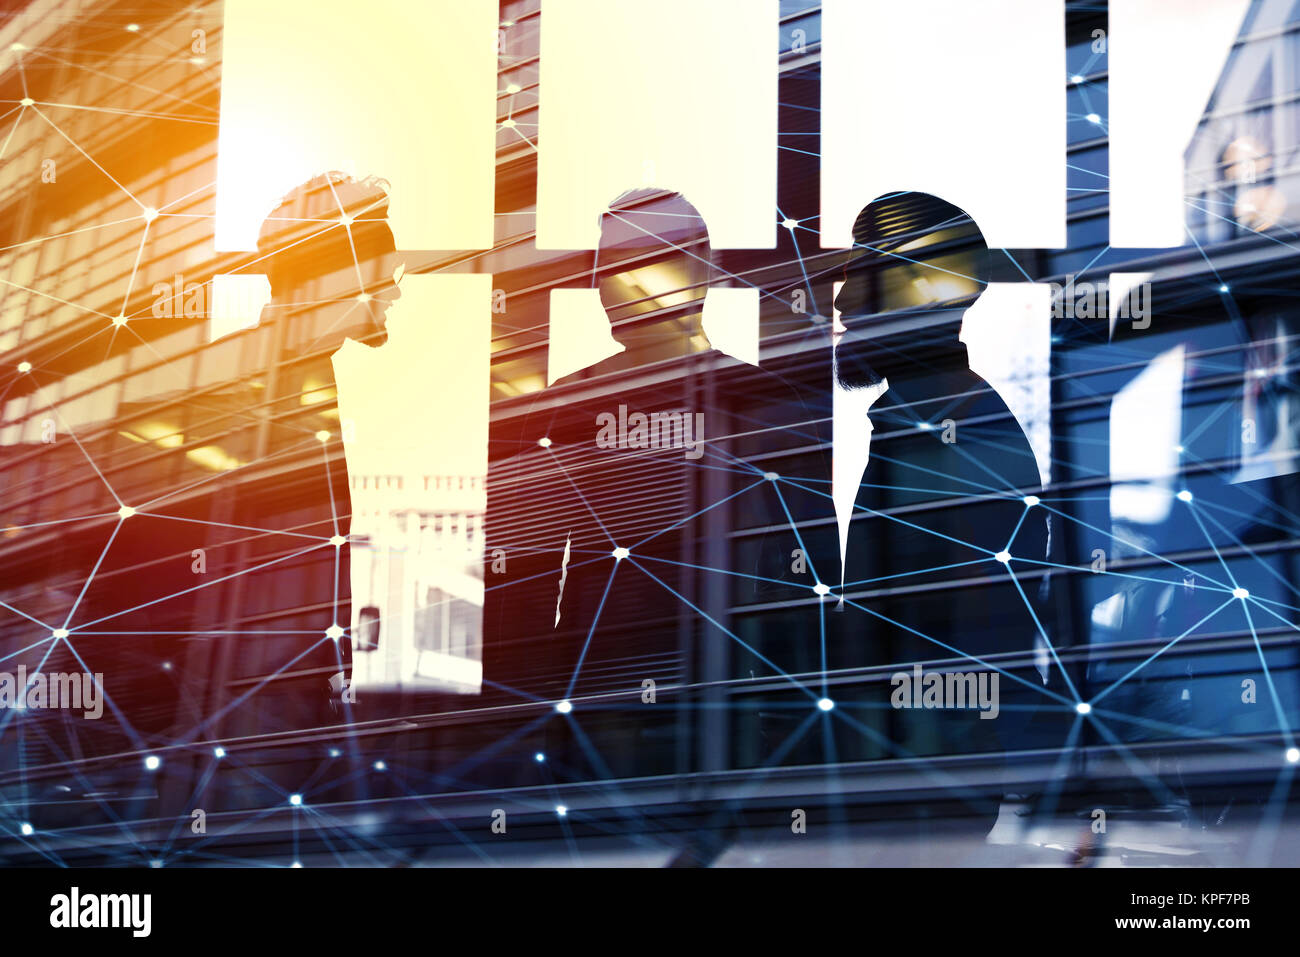 Unternehmer, die im Büro arbeiten, mit Netzwerkverbindung Wirkung. Konzept der Teamarbeit und Partnerschaft. Stockbild